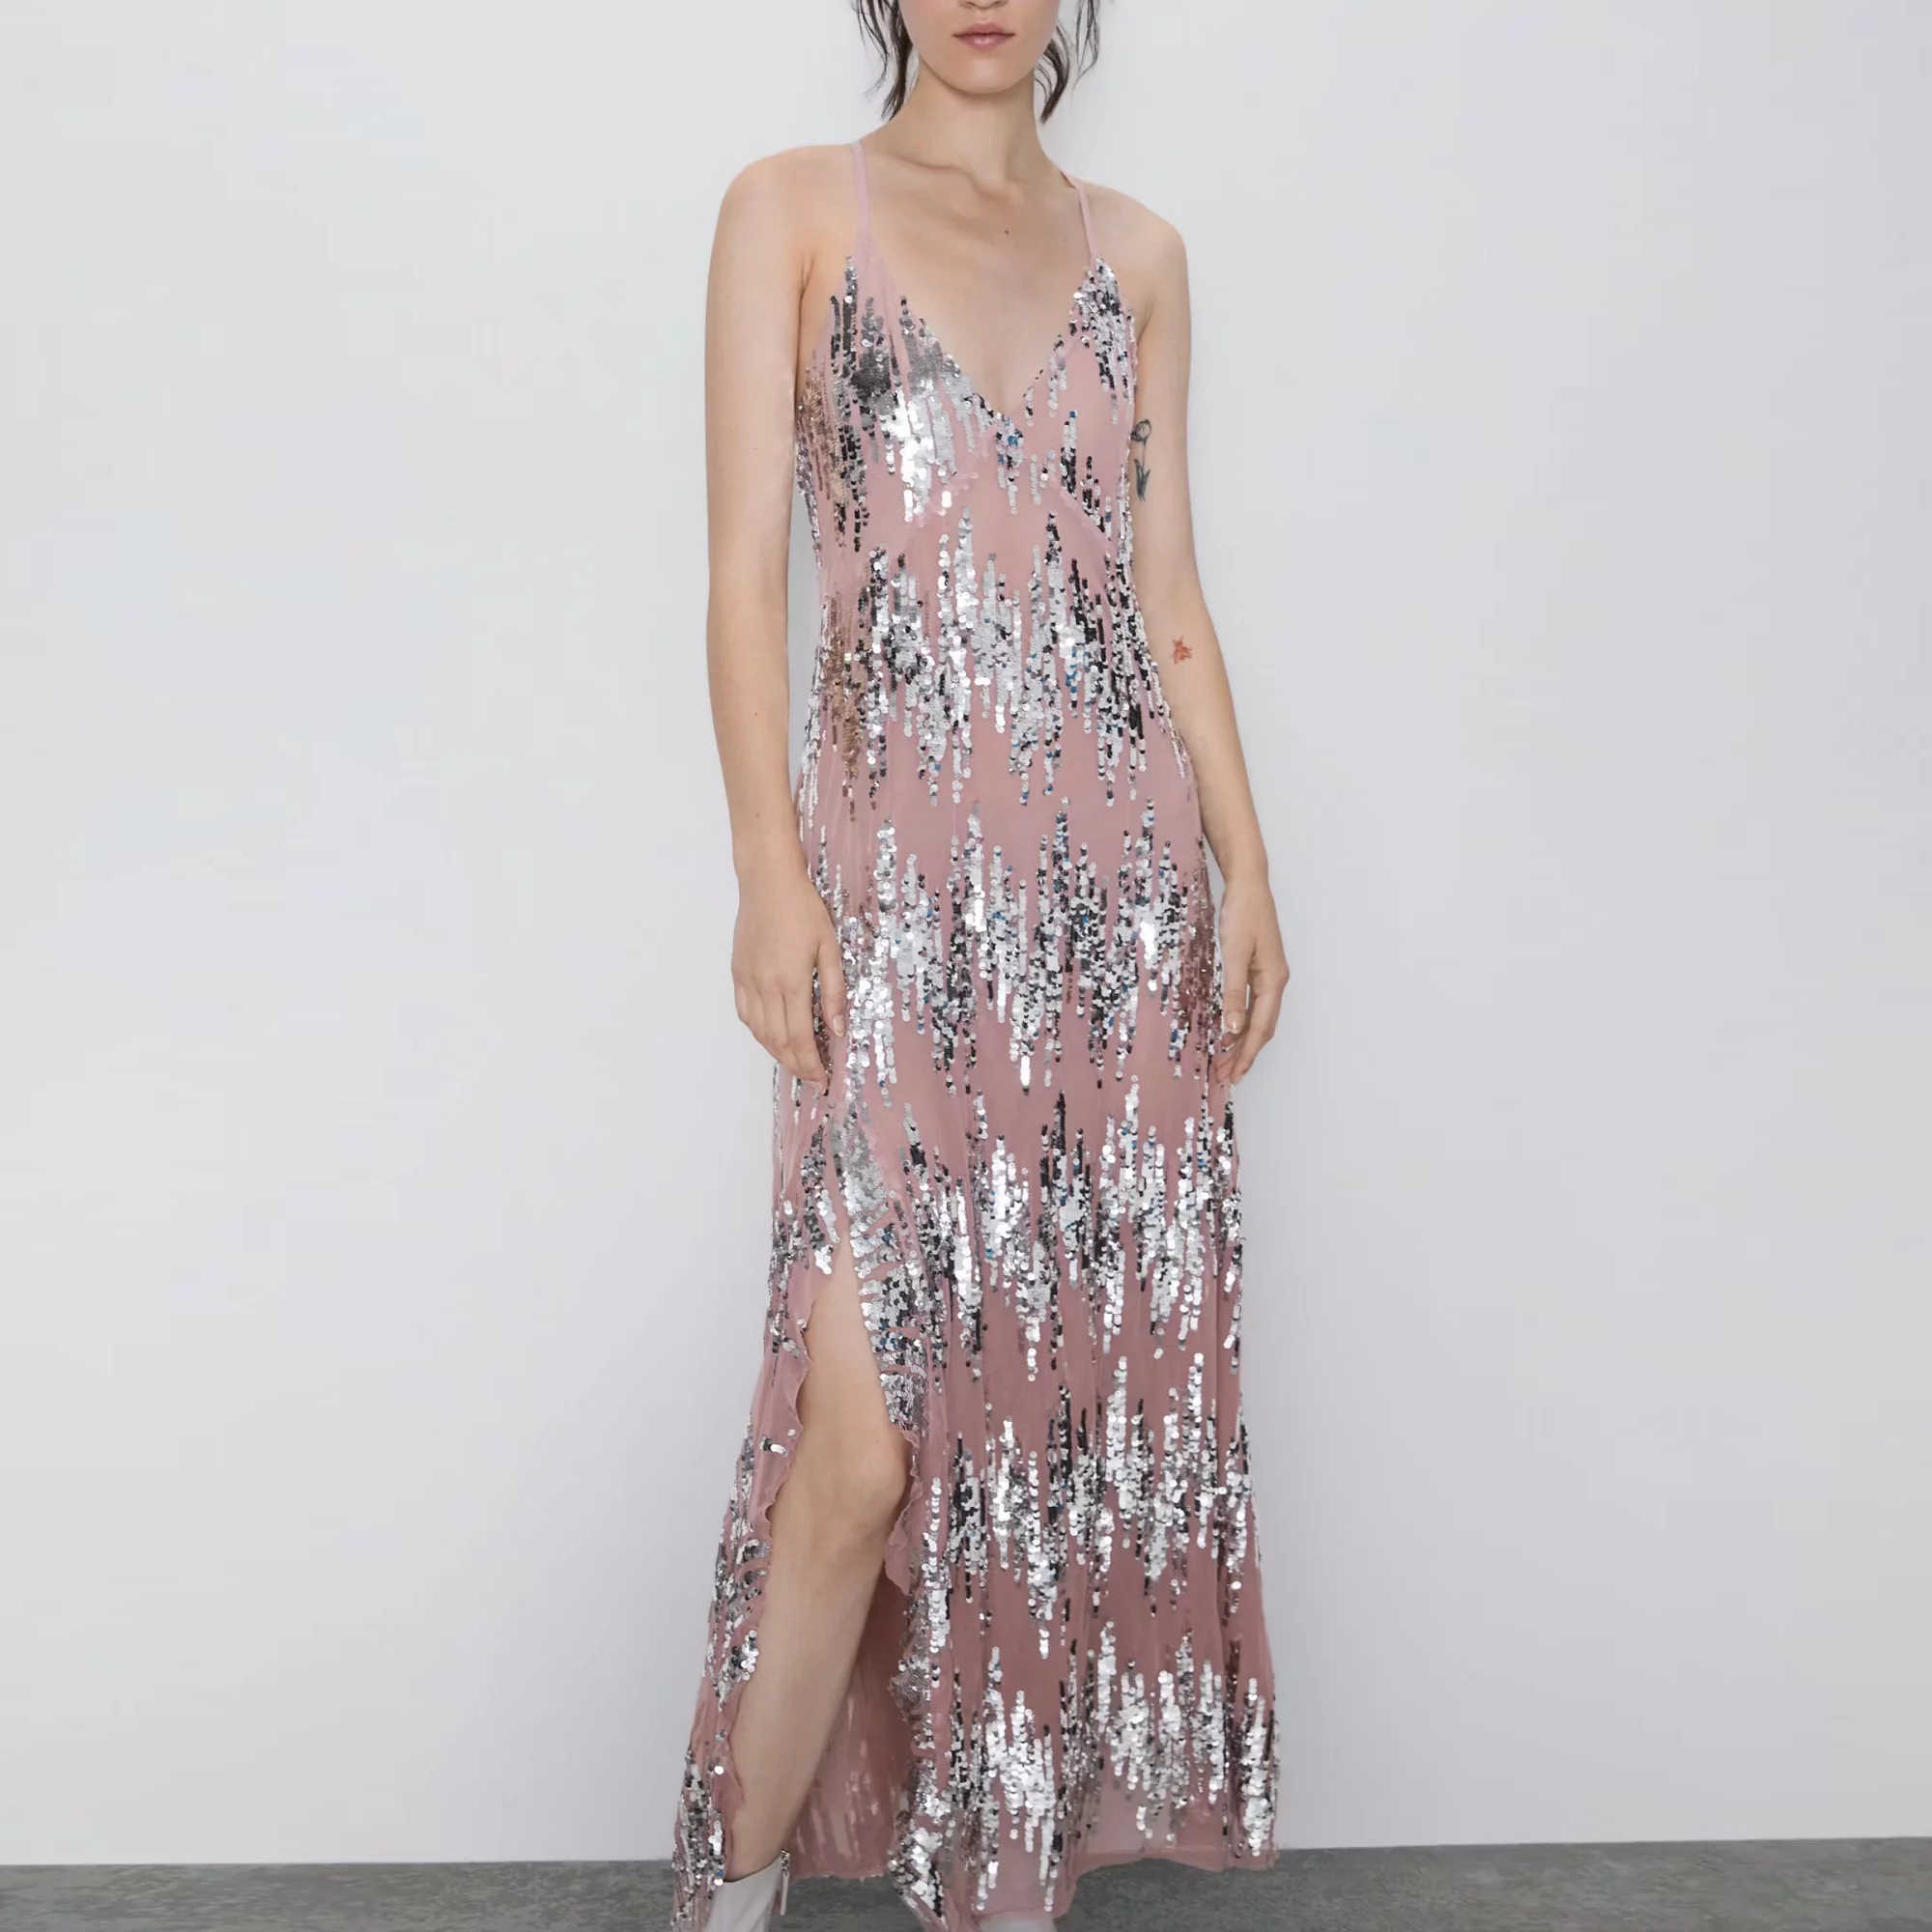 ZA sukienka z cekinami kobiety seksowna elastyczna głębokie dekolt w serek backless casual fashion stretch dopasowana błyszcząca sukienka vestido